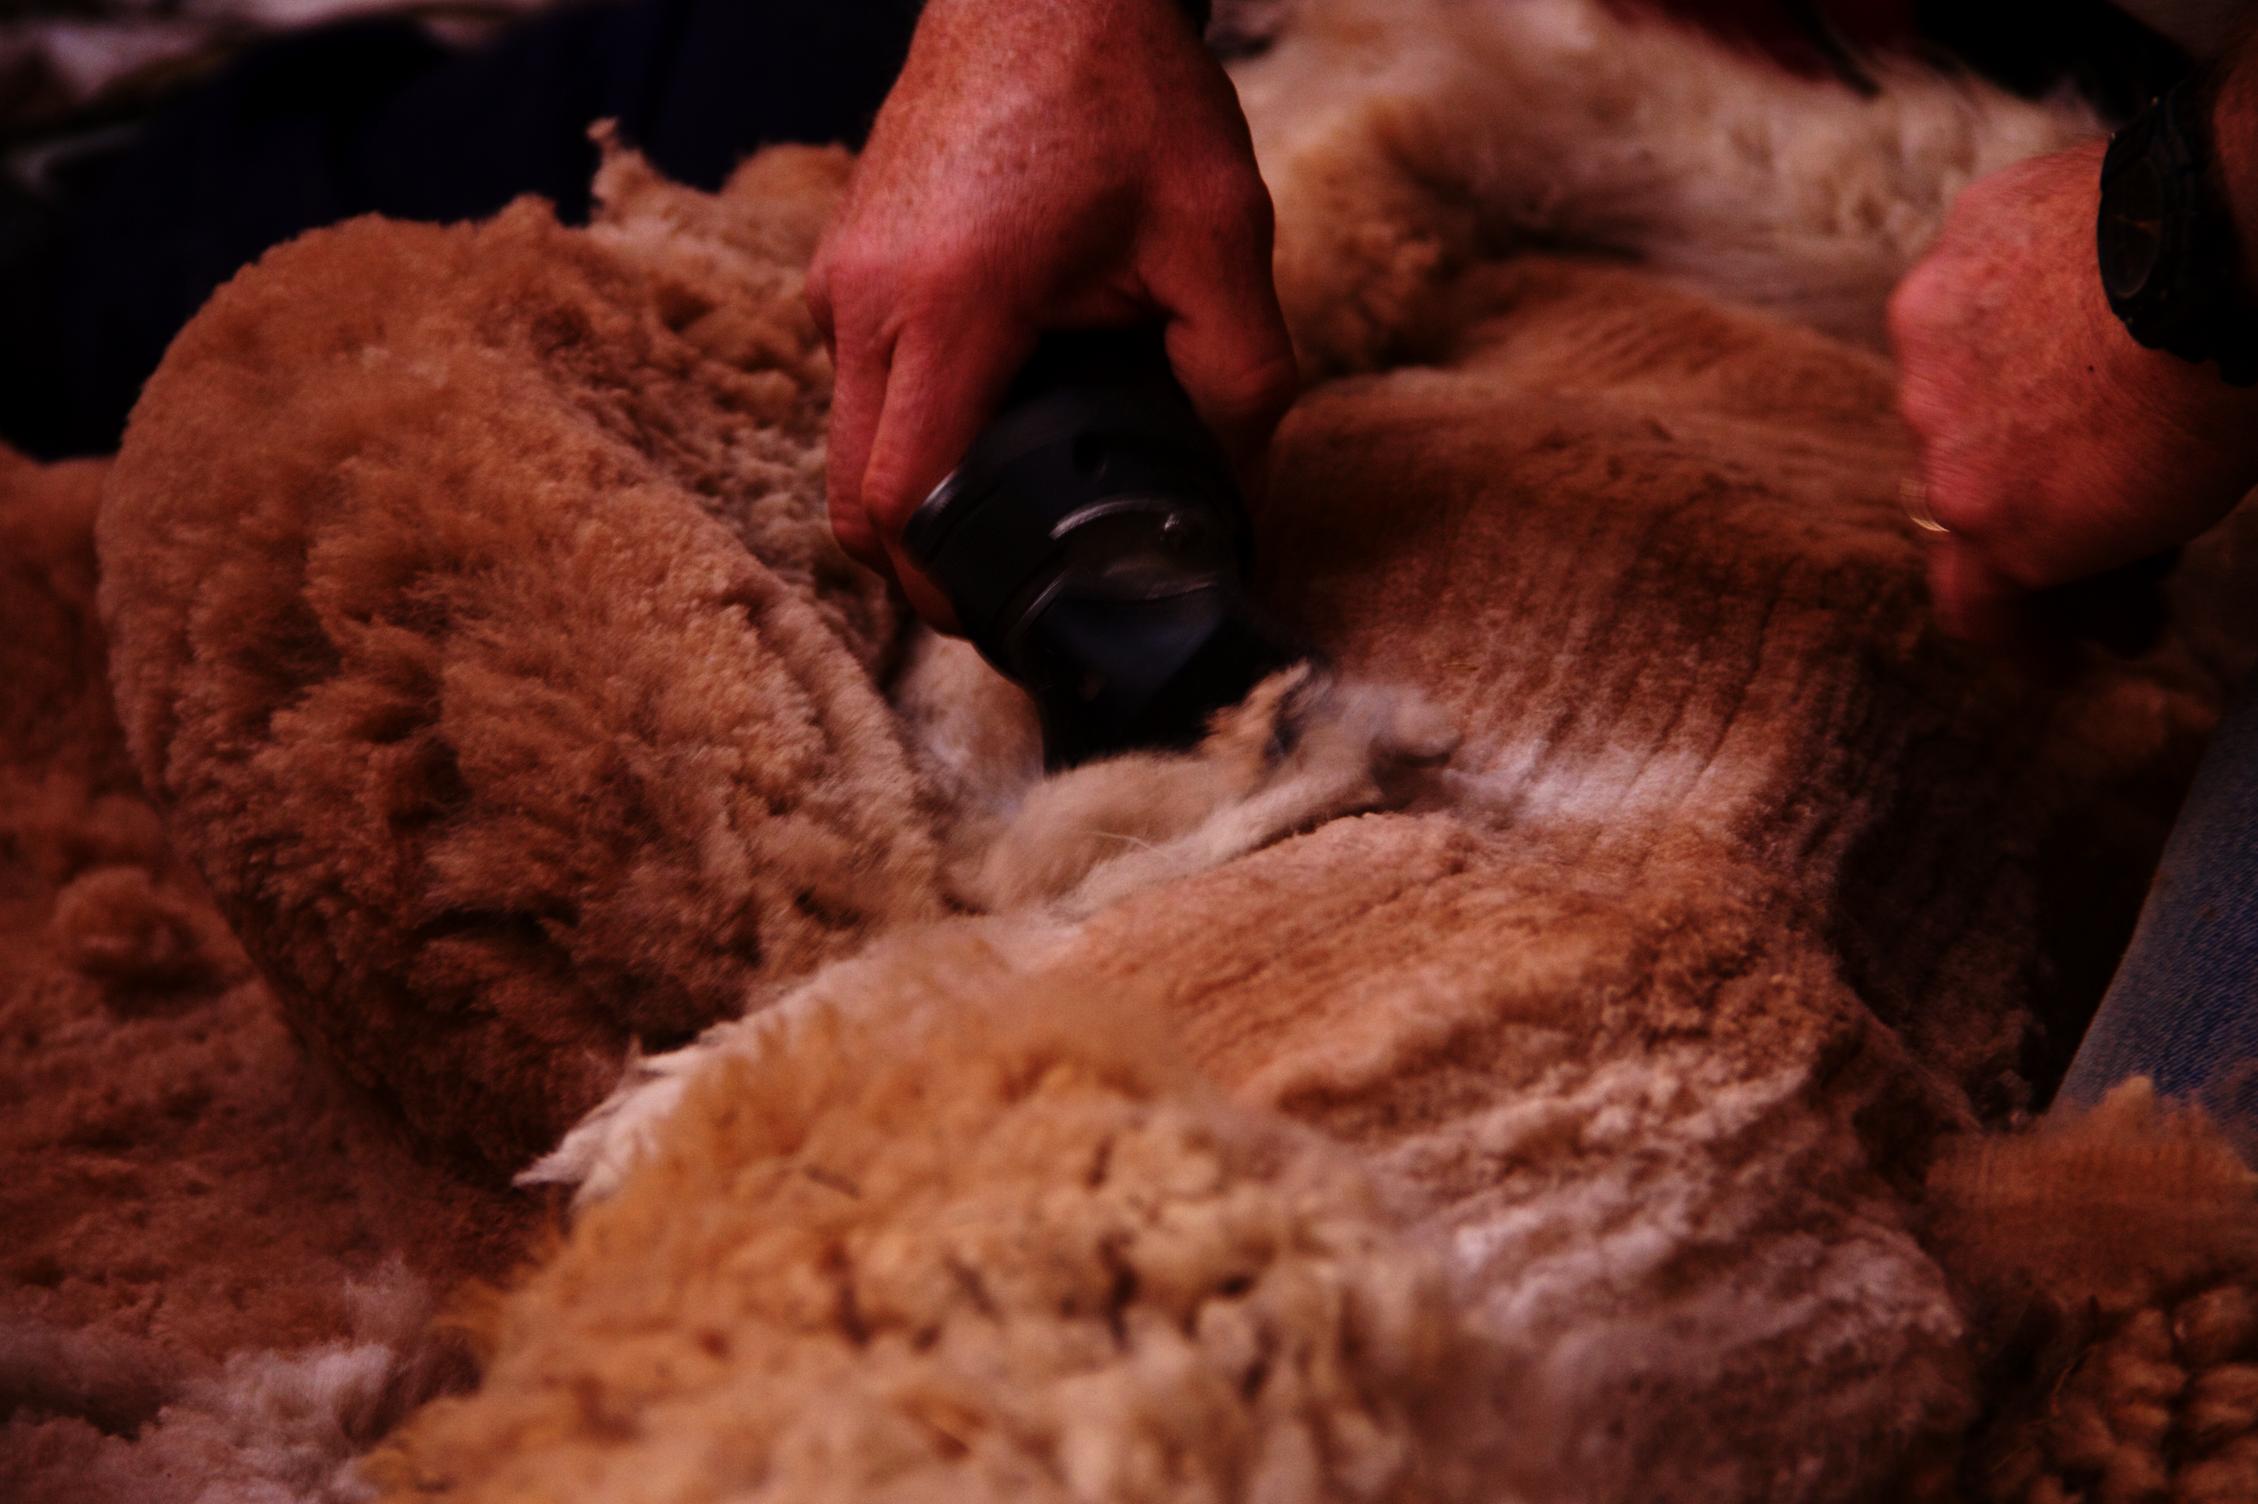 More fleece